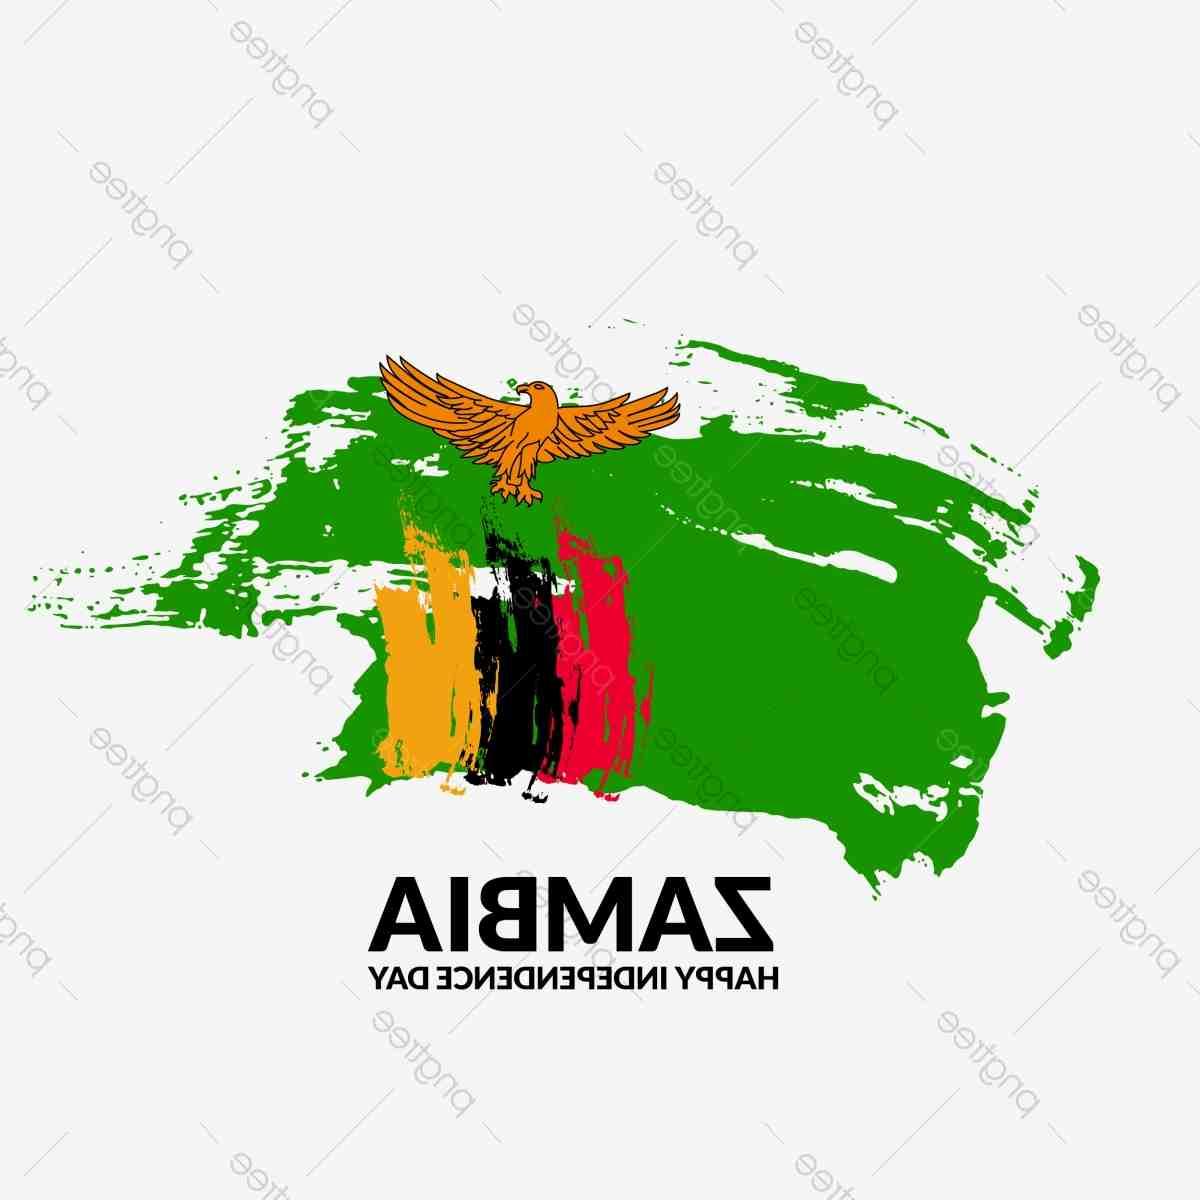 Quelle est la superficie de la Zambie ?